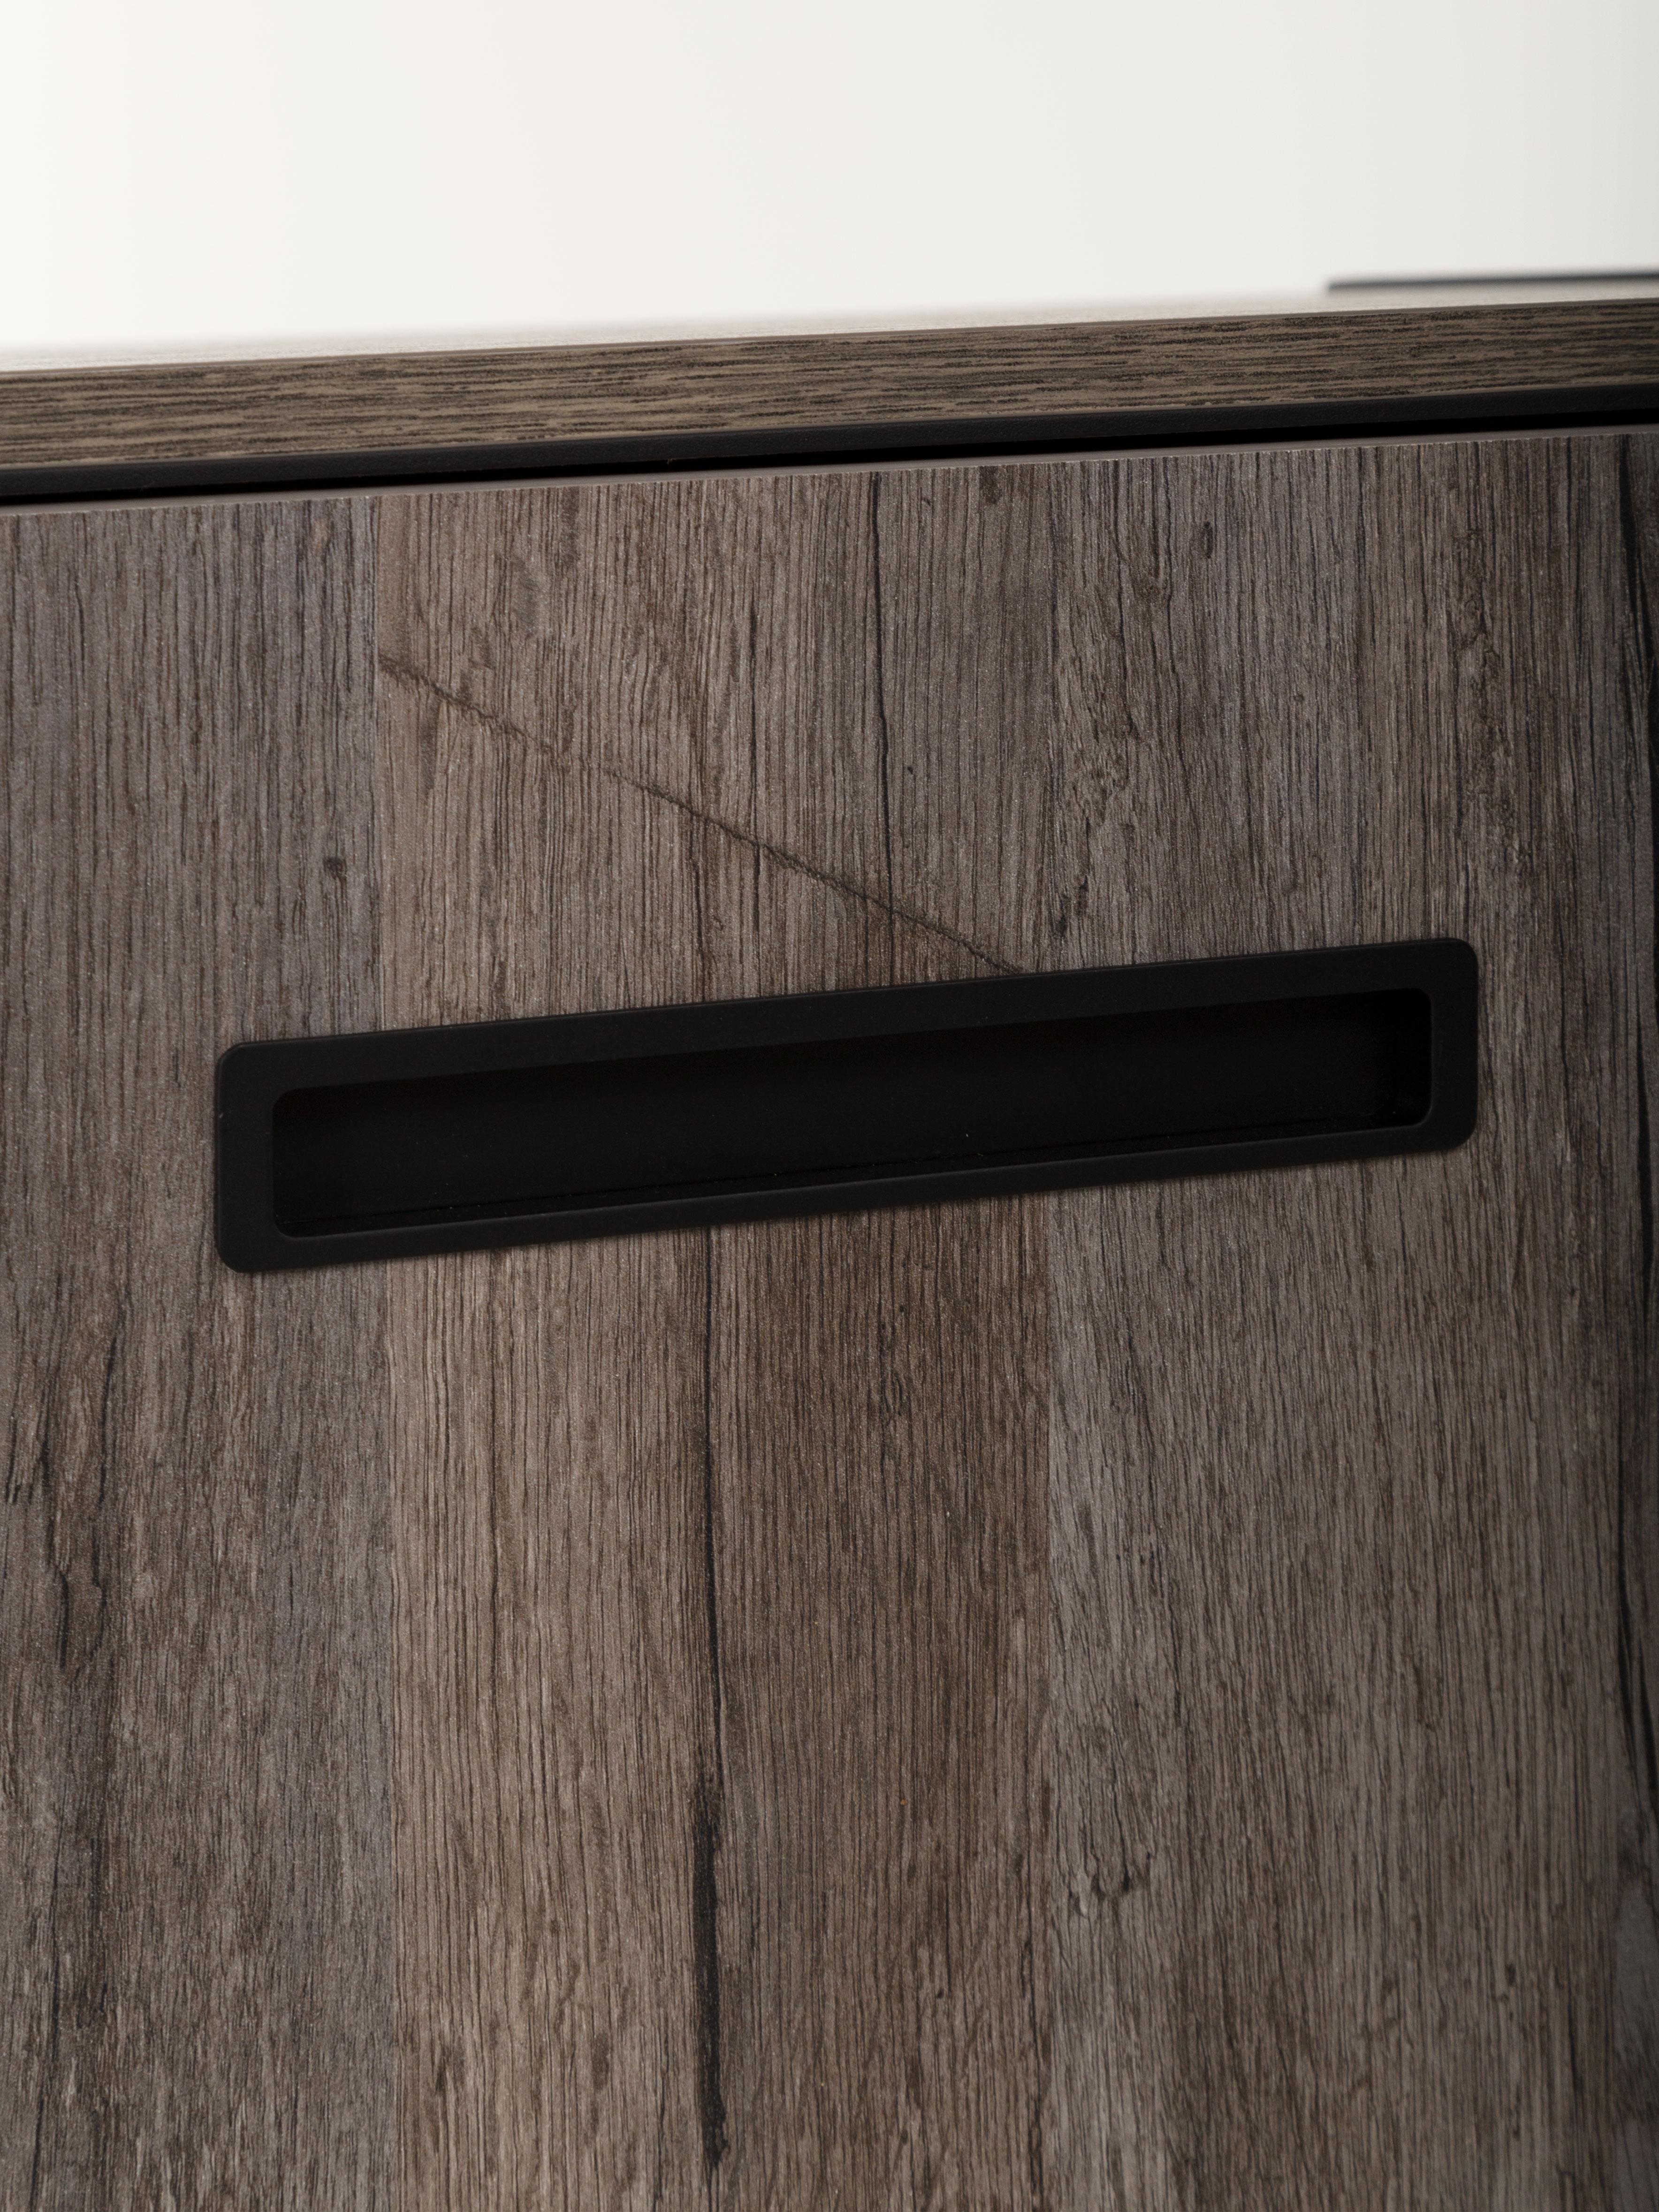 Grijs Eiken Kast : Tv kast blues eik grijs grijs deba meubelen